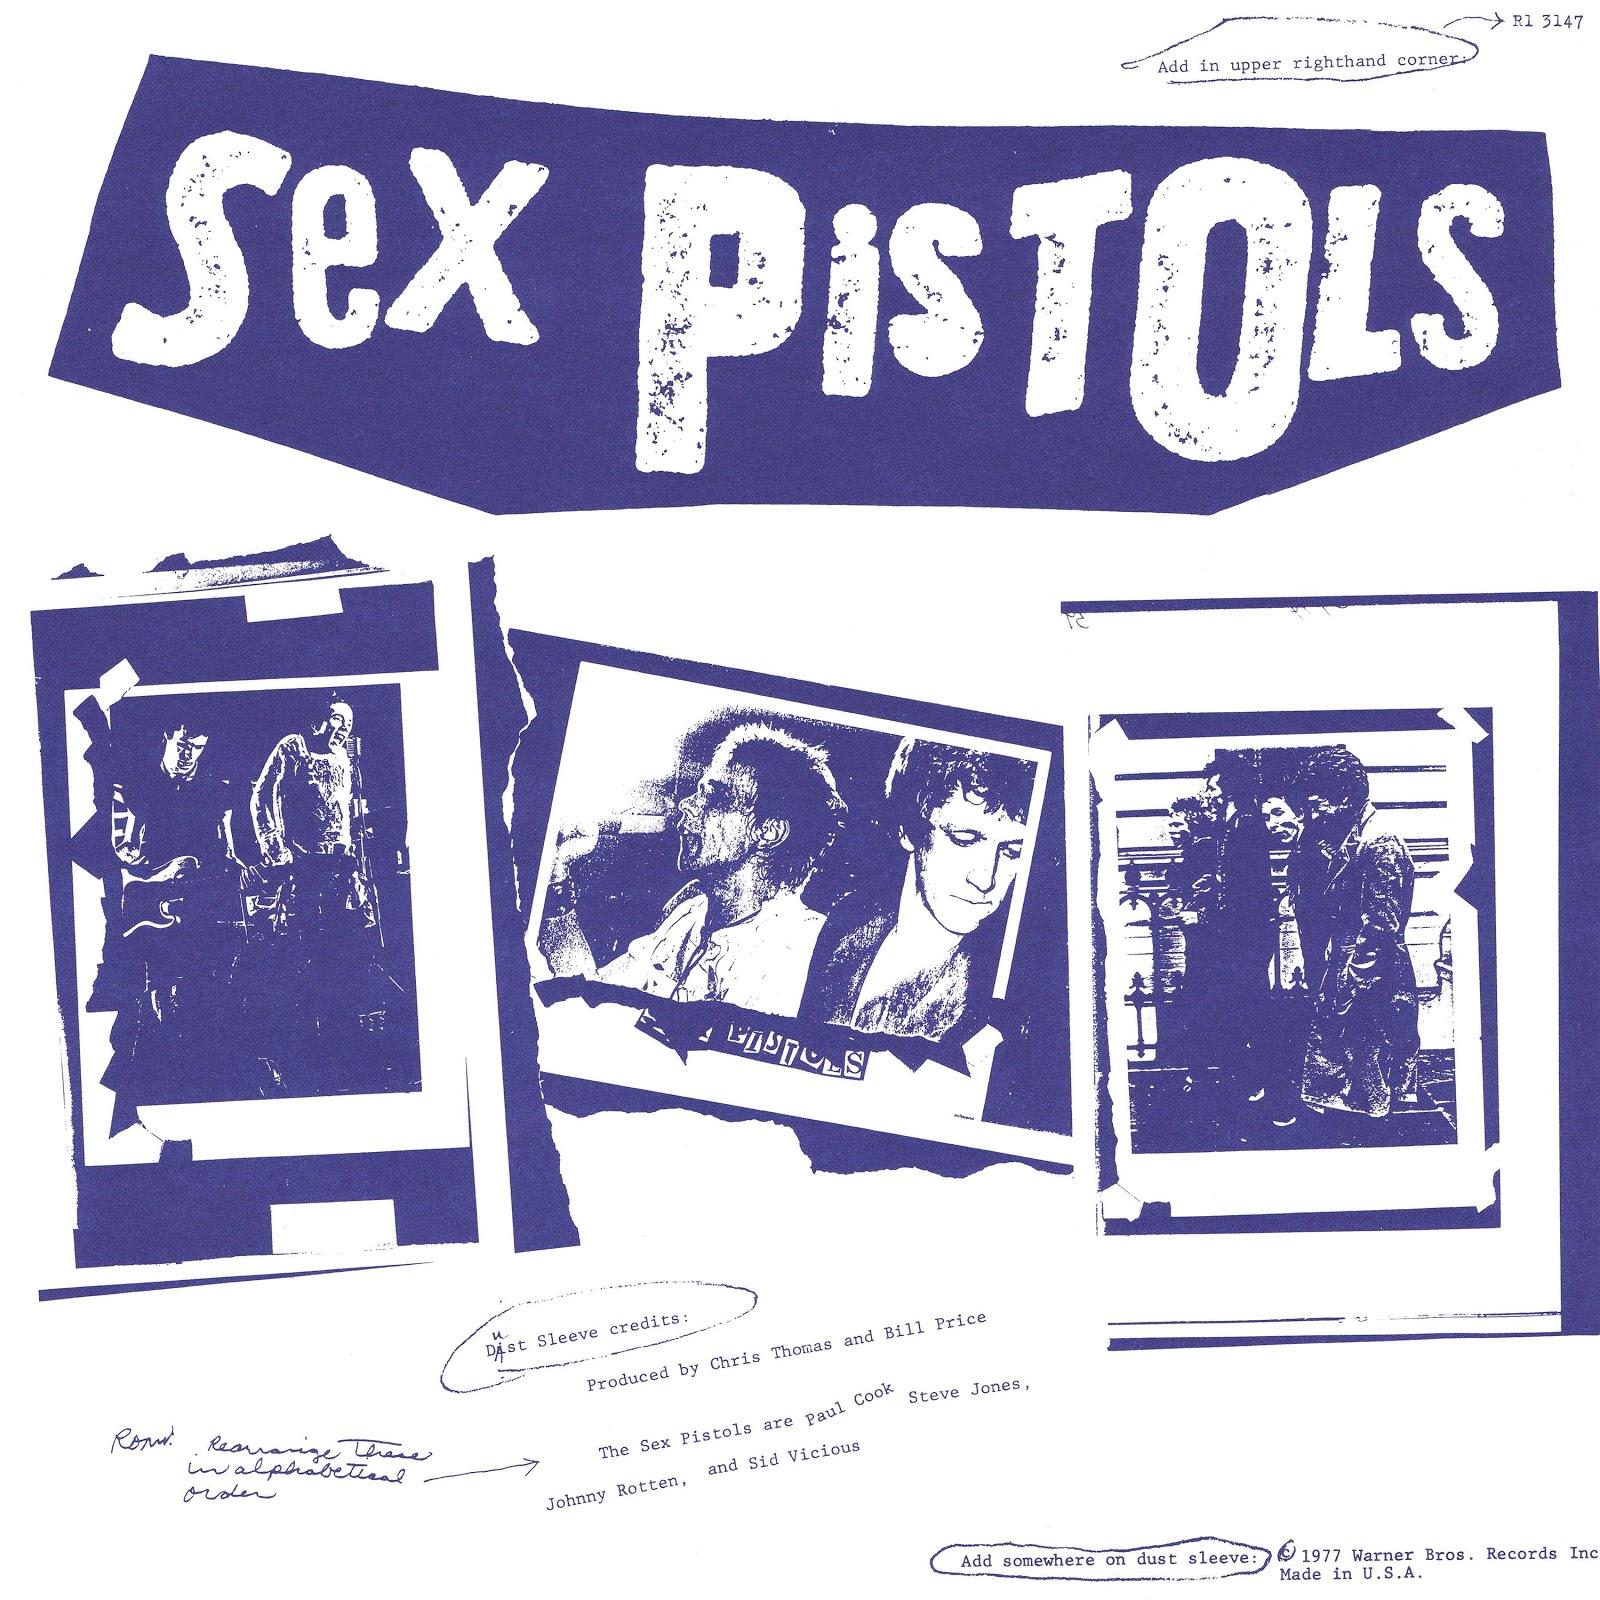 Sex pistols fan's club